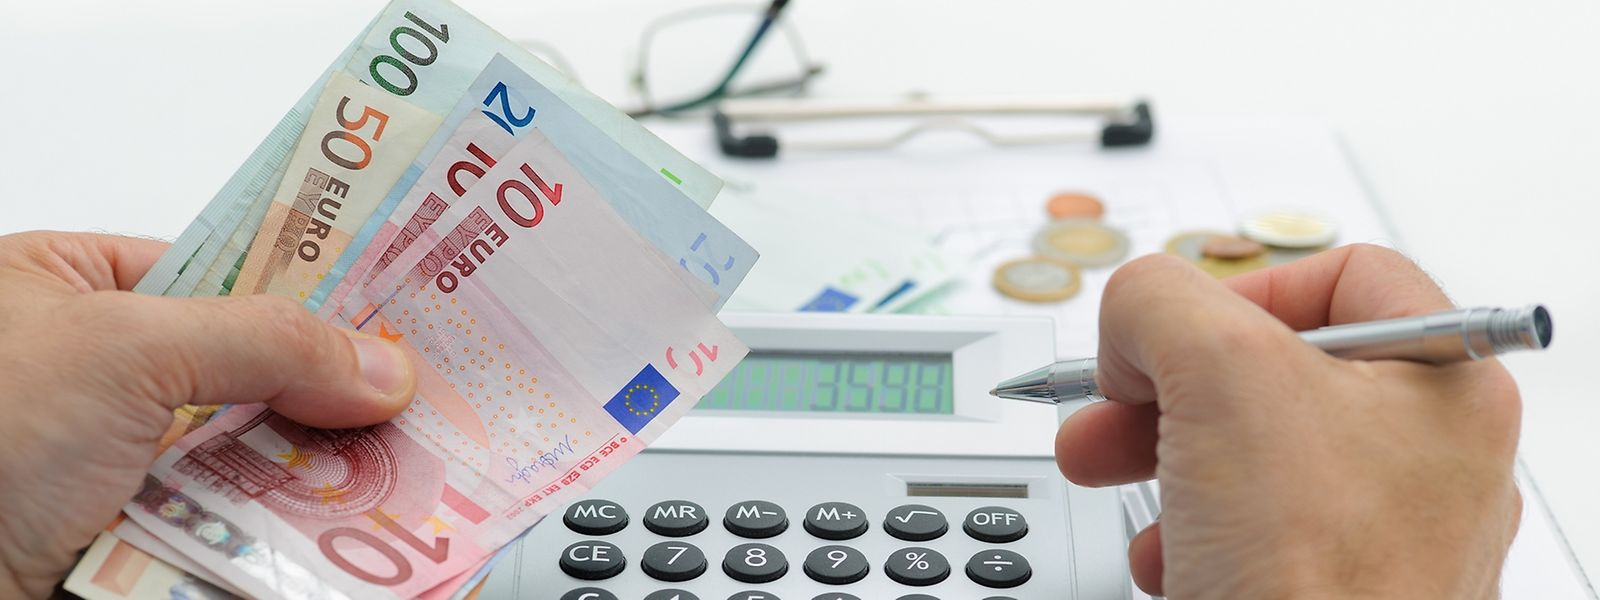 Salário Mínimo Nacional no Luxemburgo sobe para 1.949,86 euros por mês em 2017